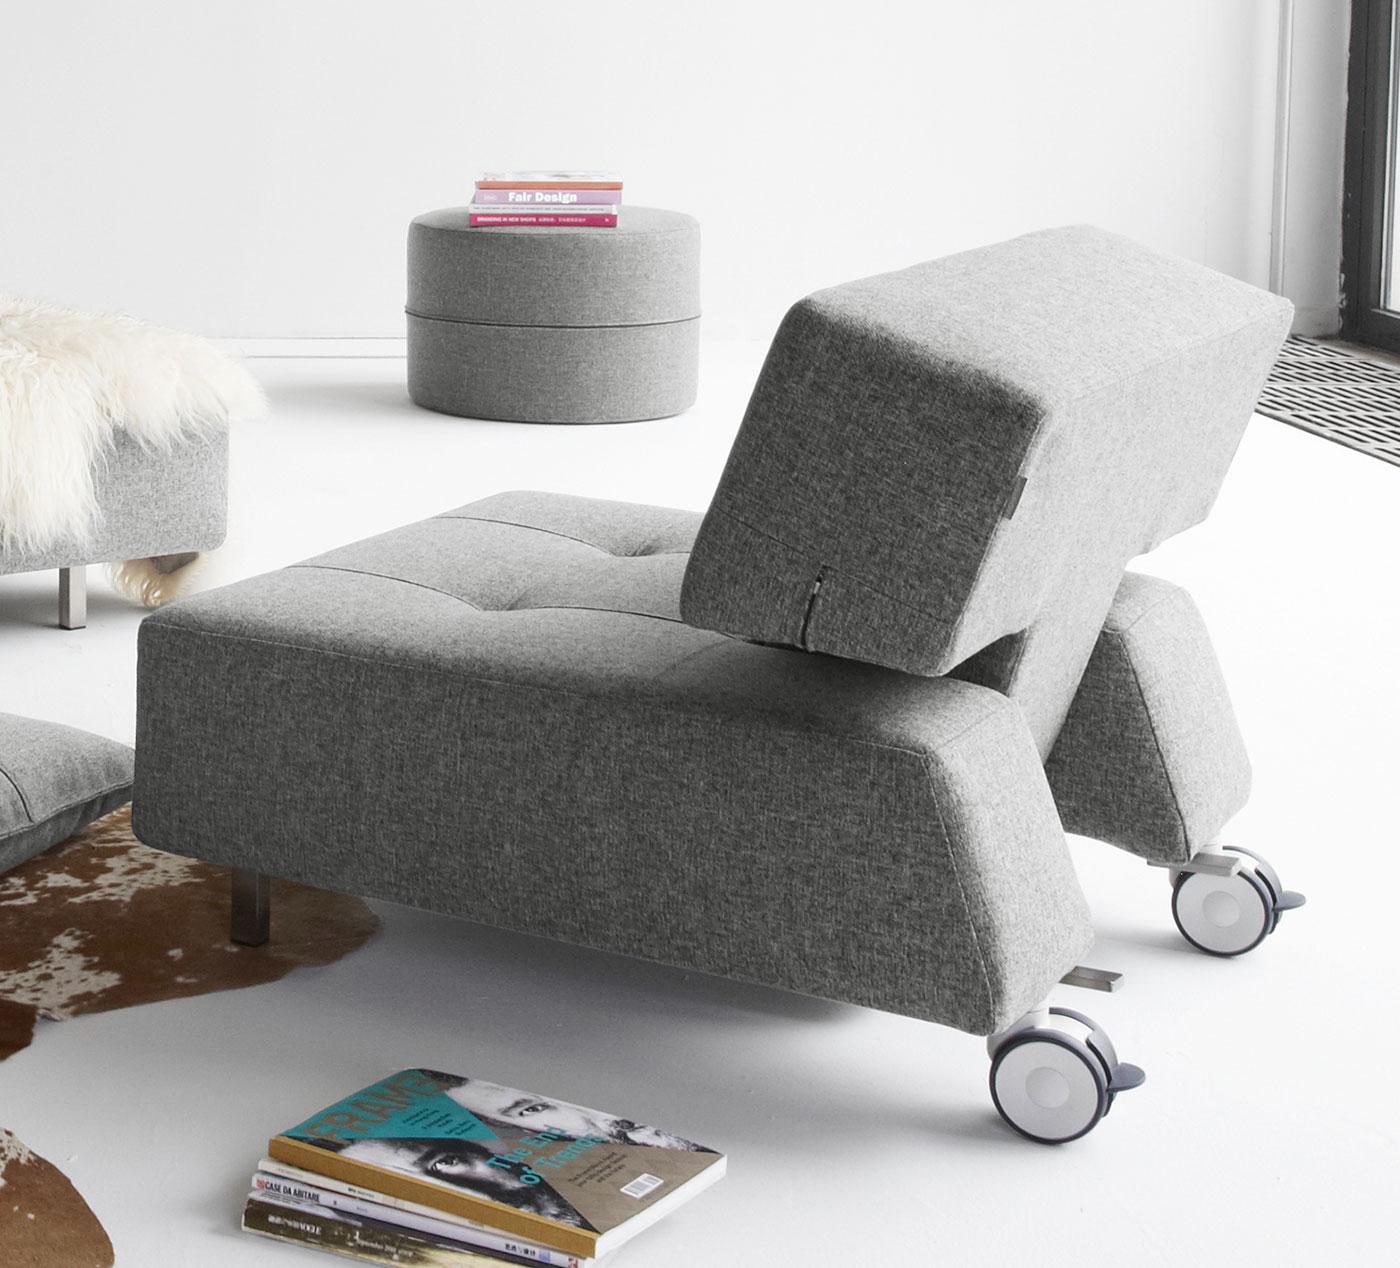 relax-sessel mit rollen ohne armlehnen in grau - ross, Hause deko